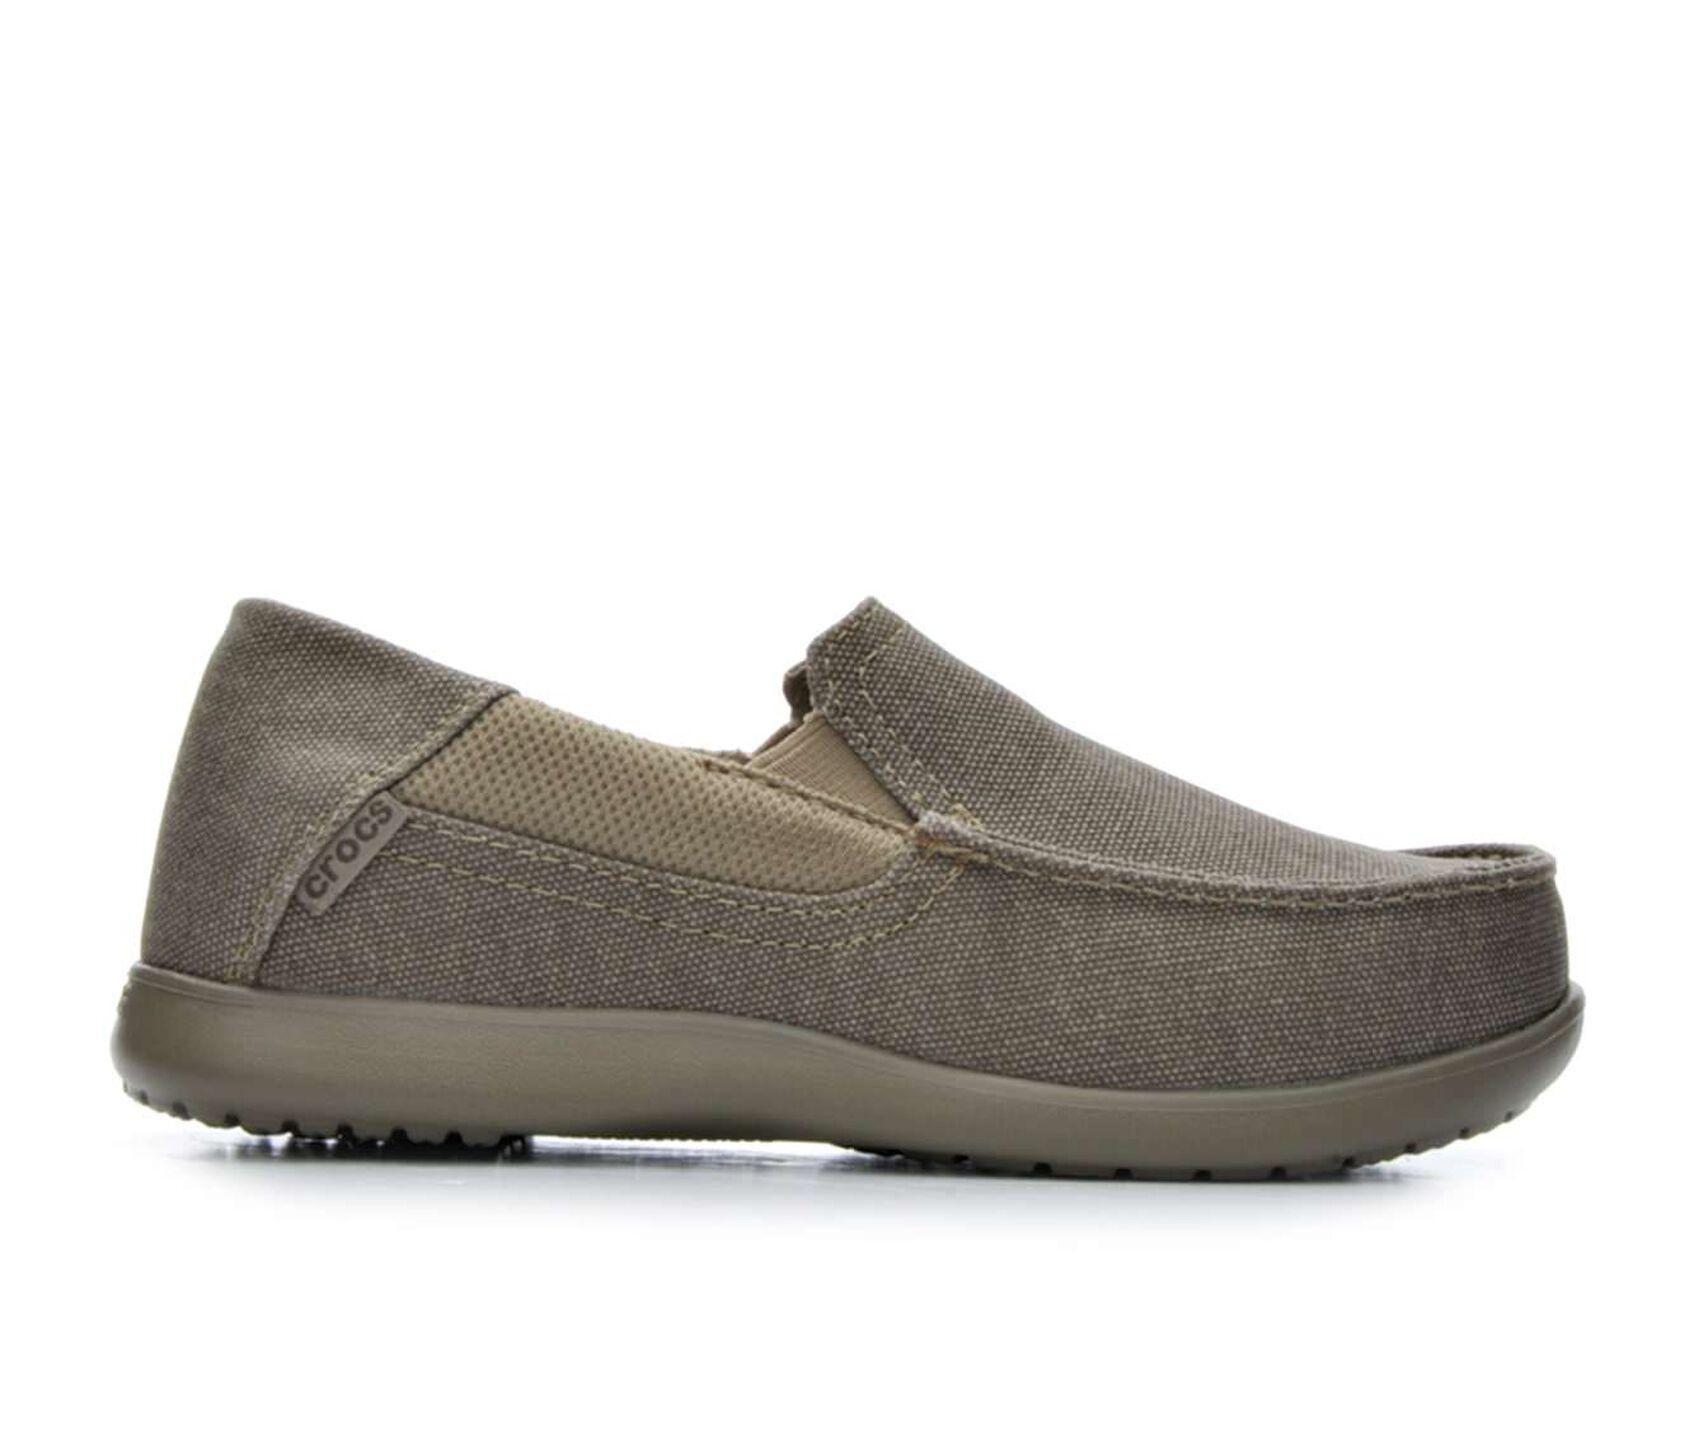 f0ca69ded5aae Boys' Crocs Little Kid & Big Kid Santa Cruz II Sneakers